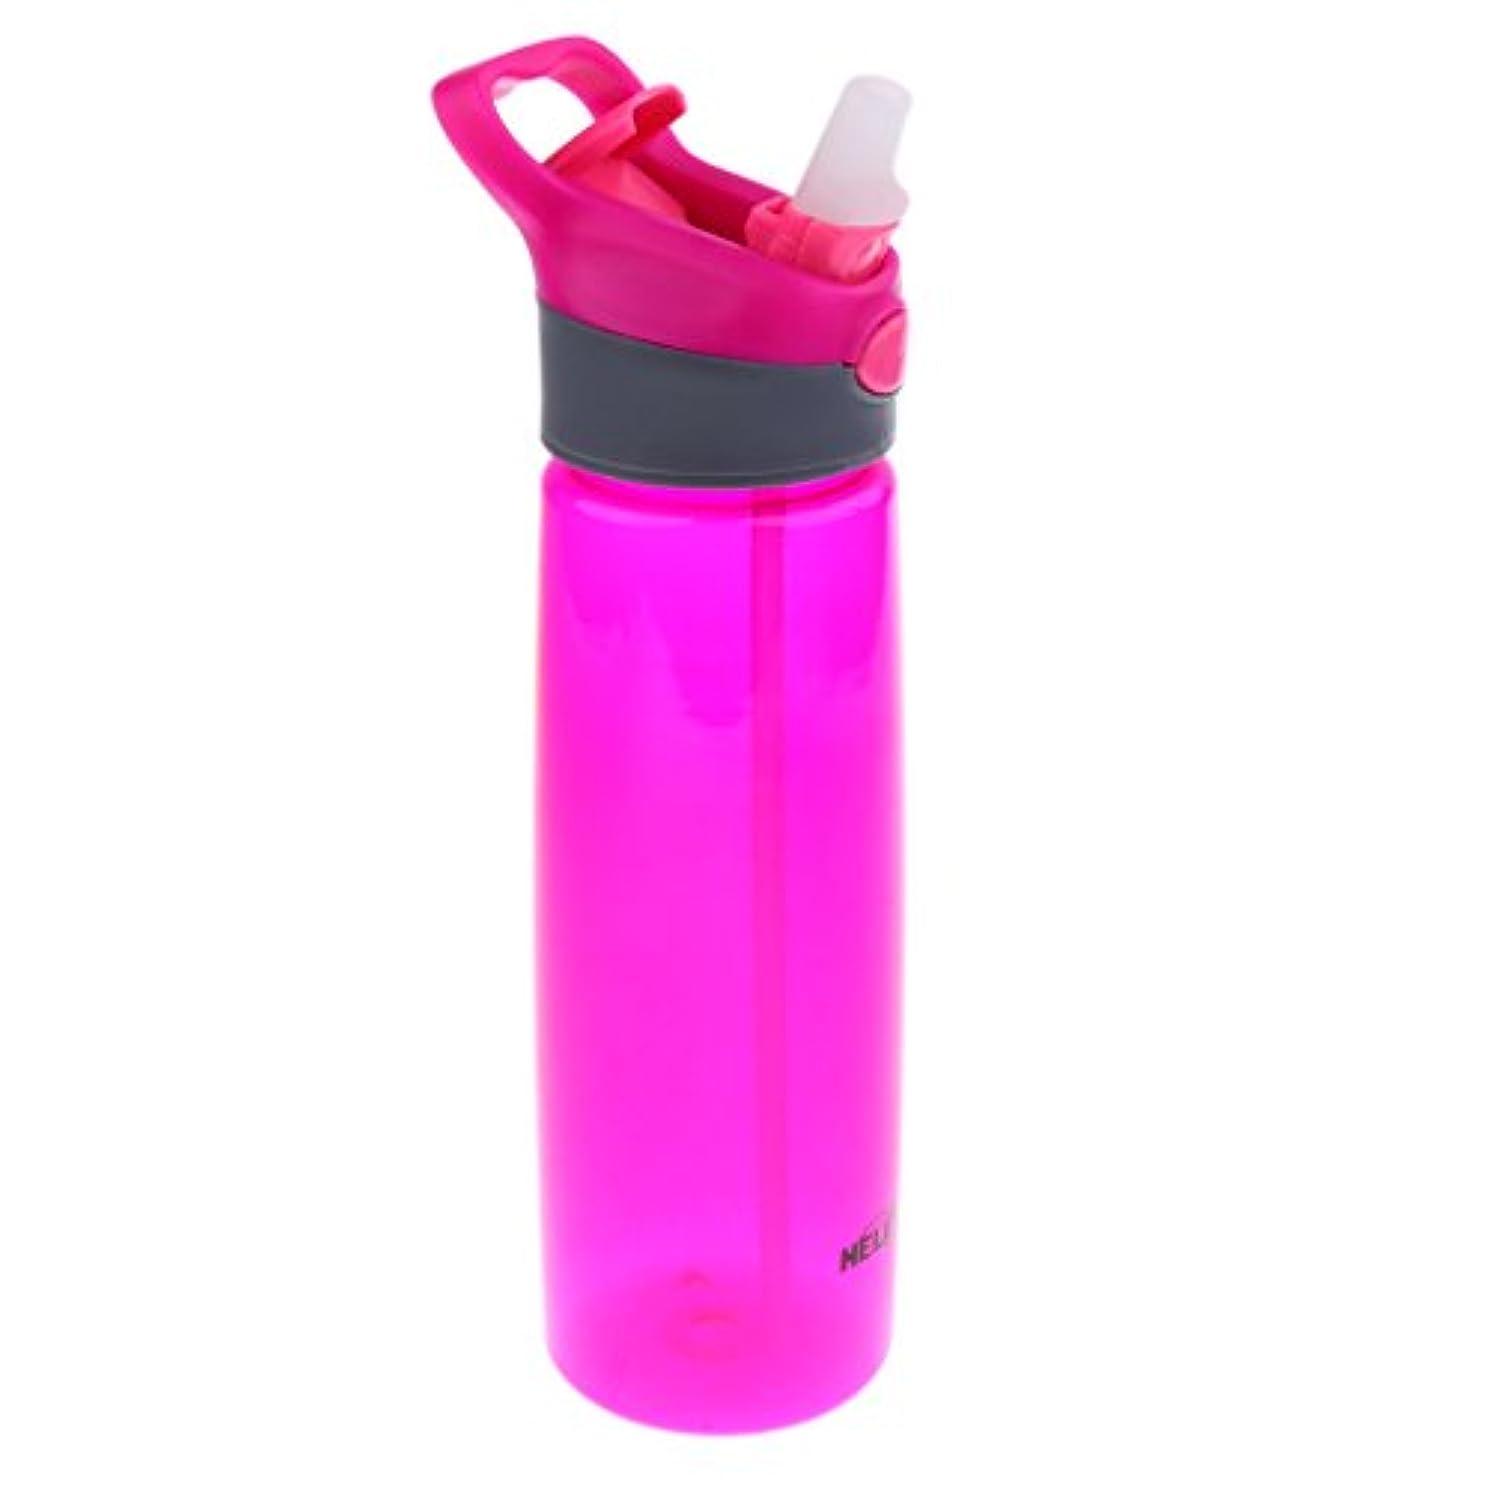 信仰警戒近くSONONIA 軽量 大容量 スポーツ/ジム/旅行用 700ML プラスチック ウォーターボトル カップ フリップ ストロー ボトル